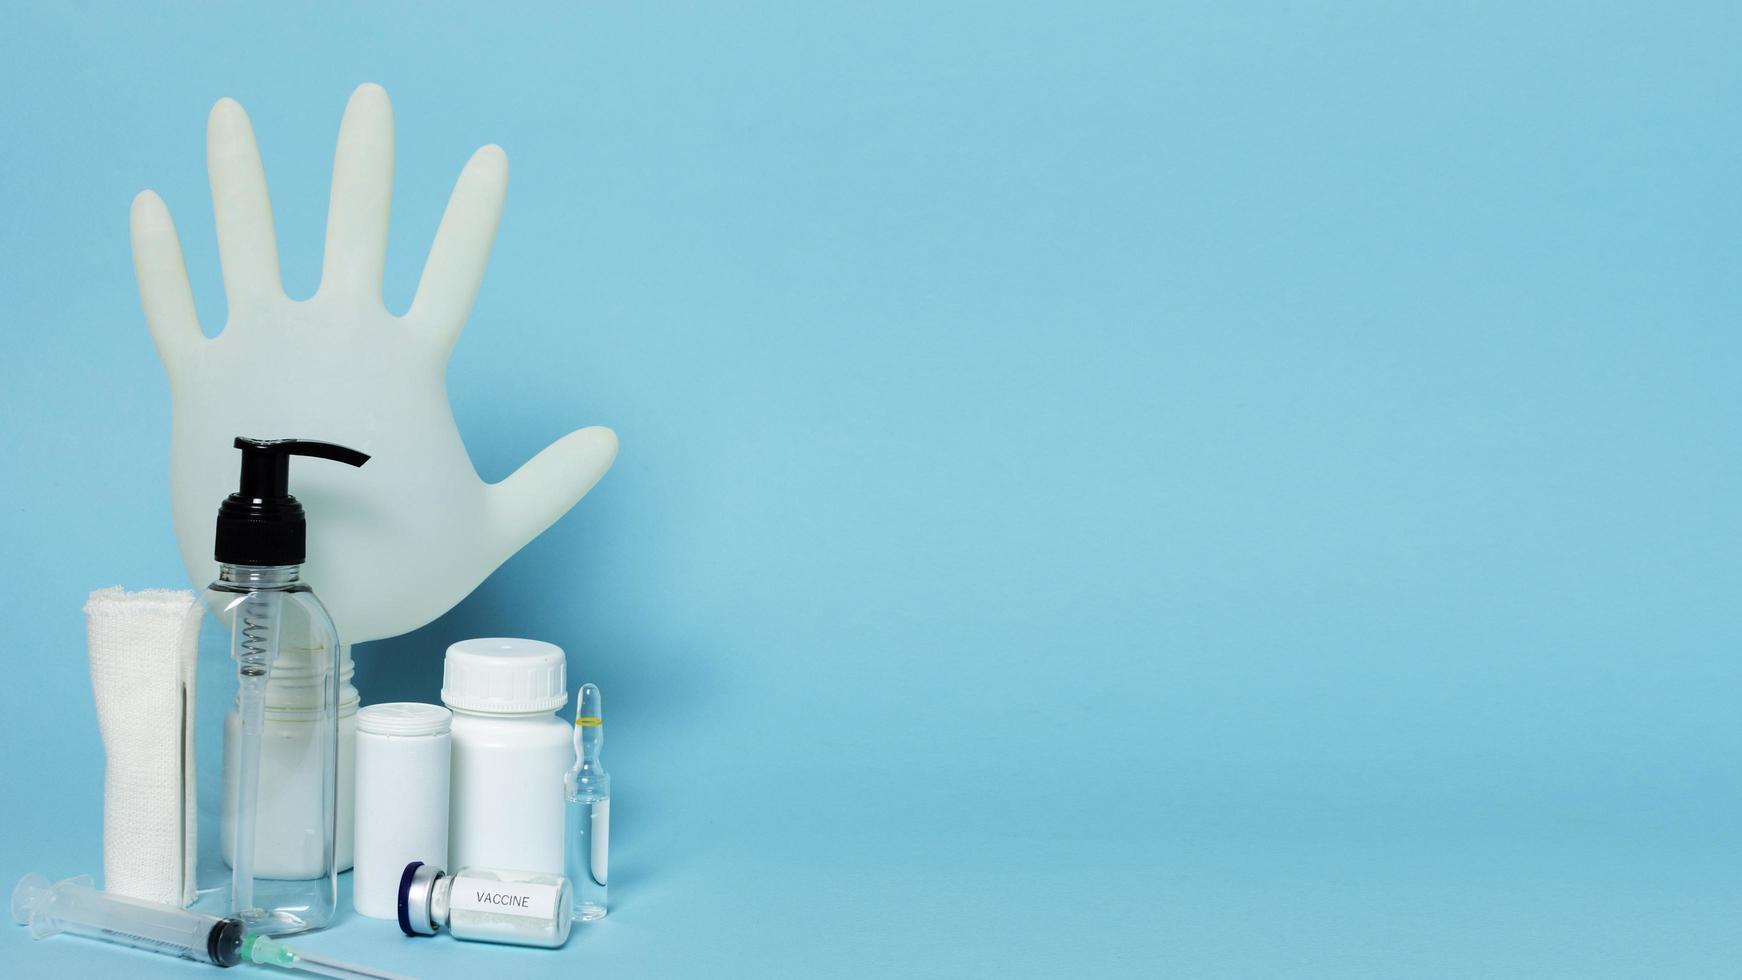 prodotti sanitari e disposizione dello spazio della copia foto